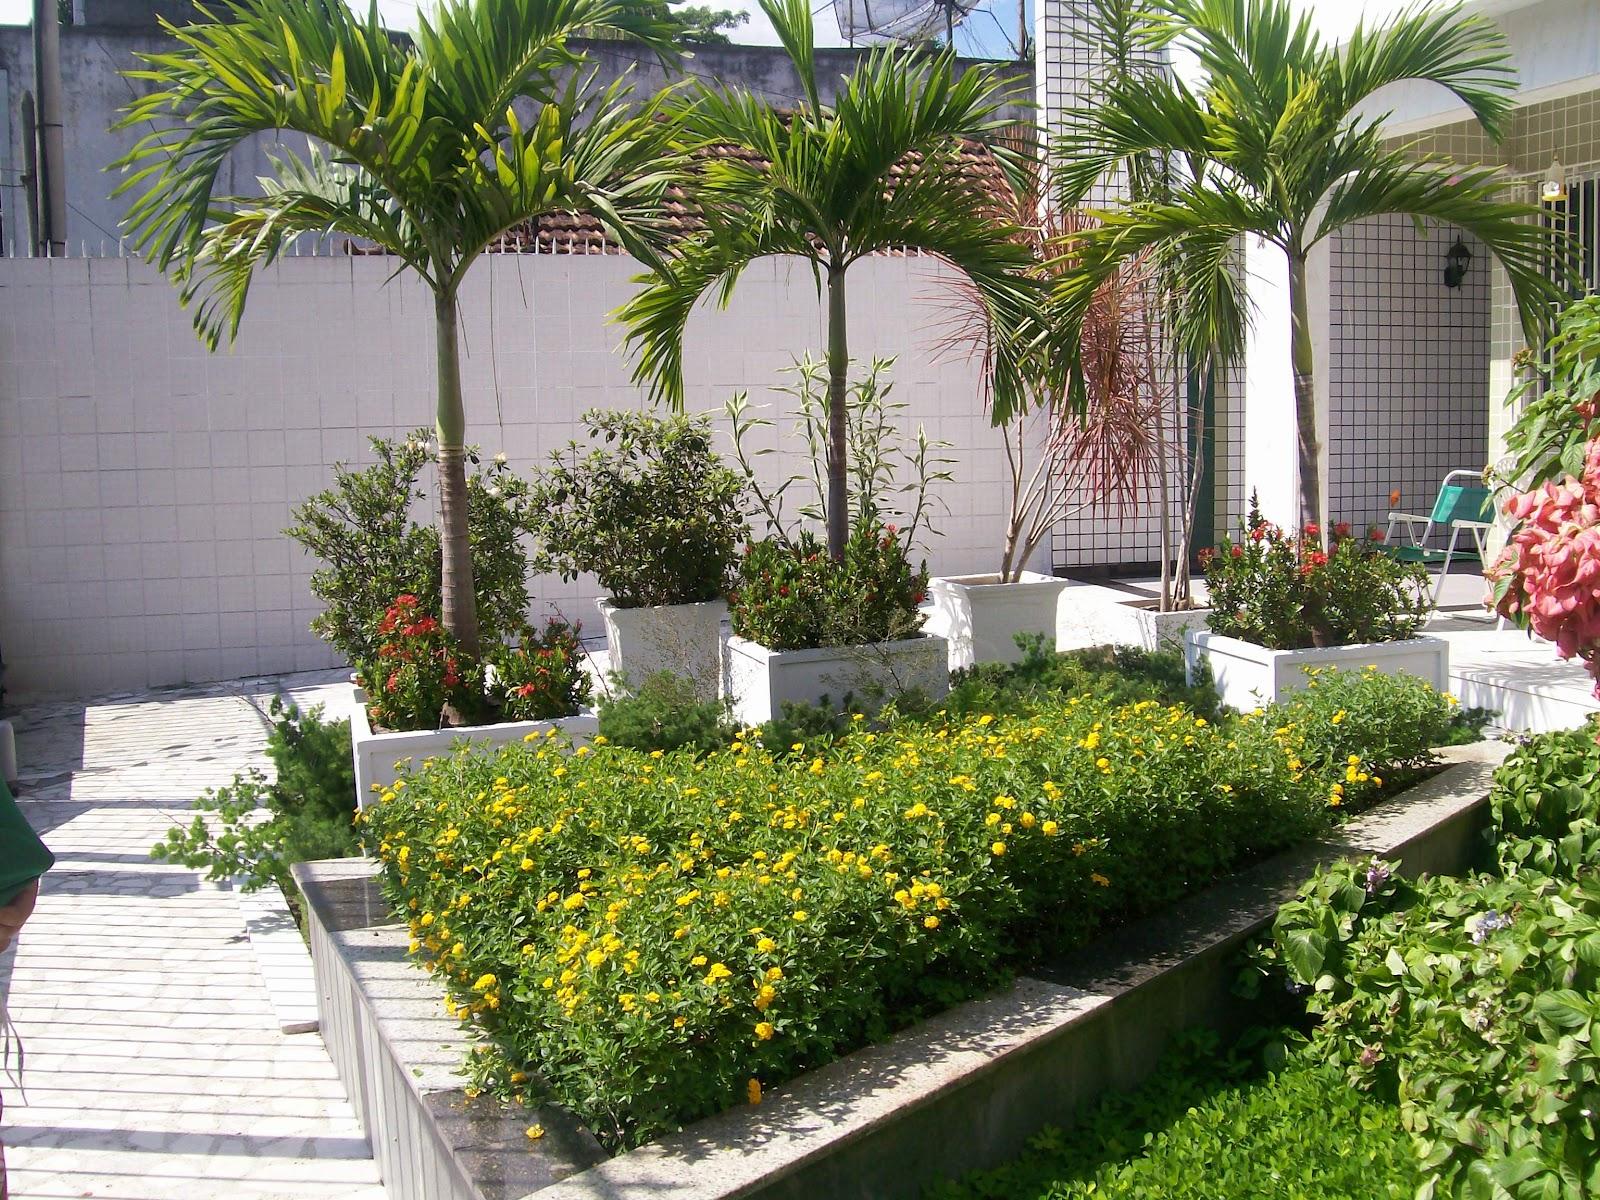 El Shaday Plantas e Jardins Palmeira Veith